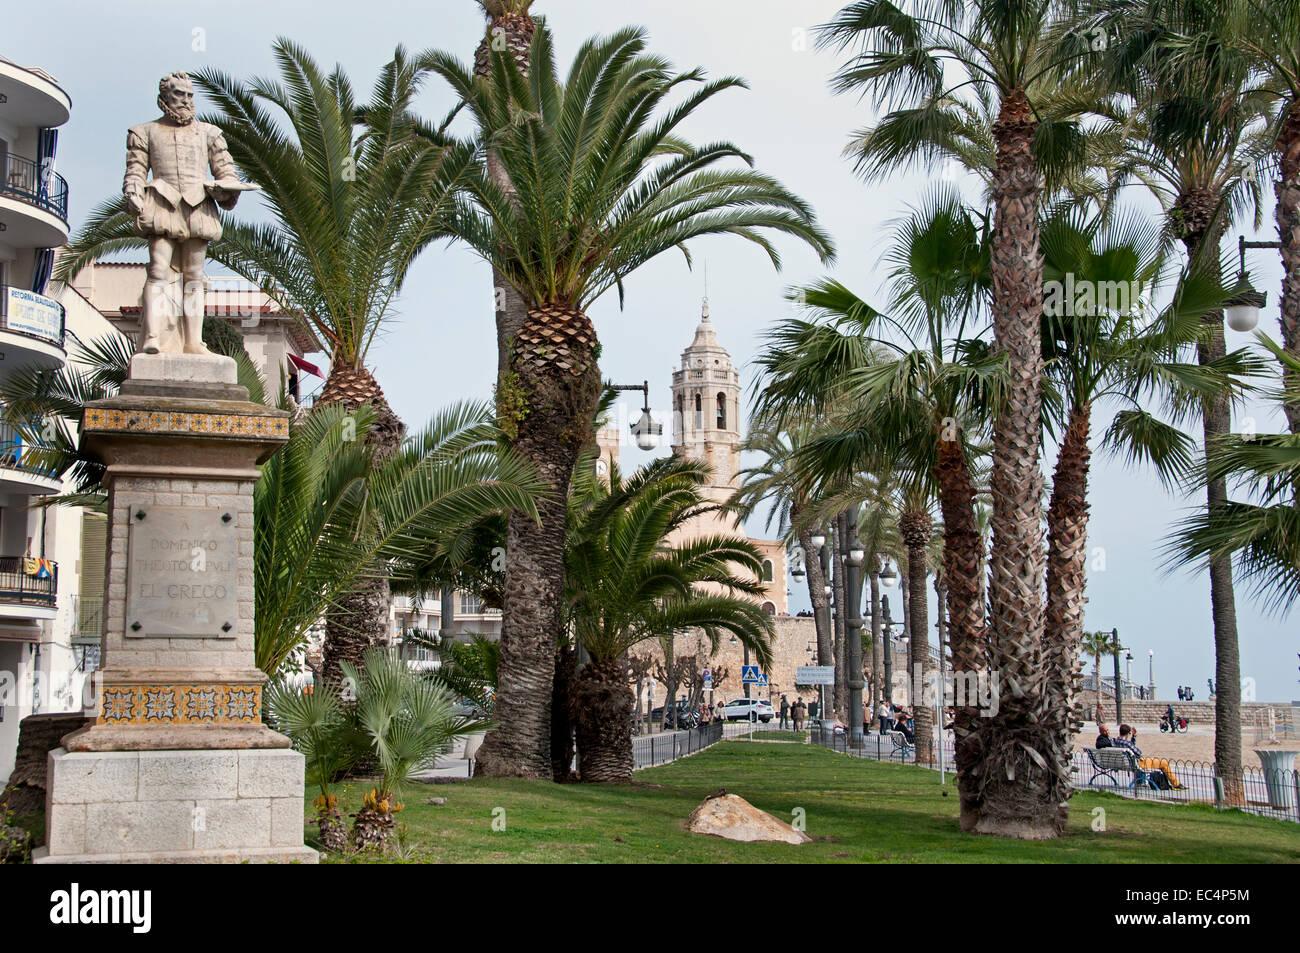 Spiaggia di Sitges Palm tree garden Spagna città spagnola Immagini Stock